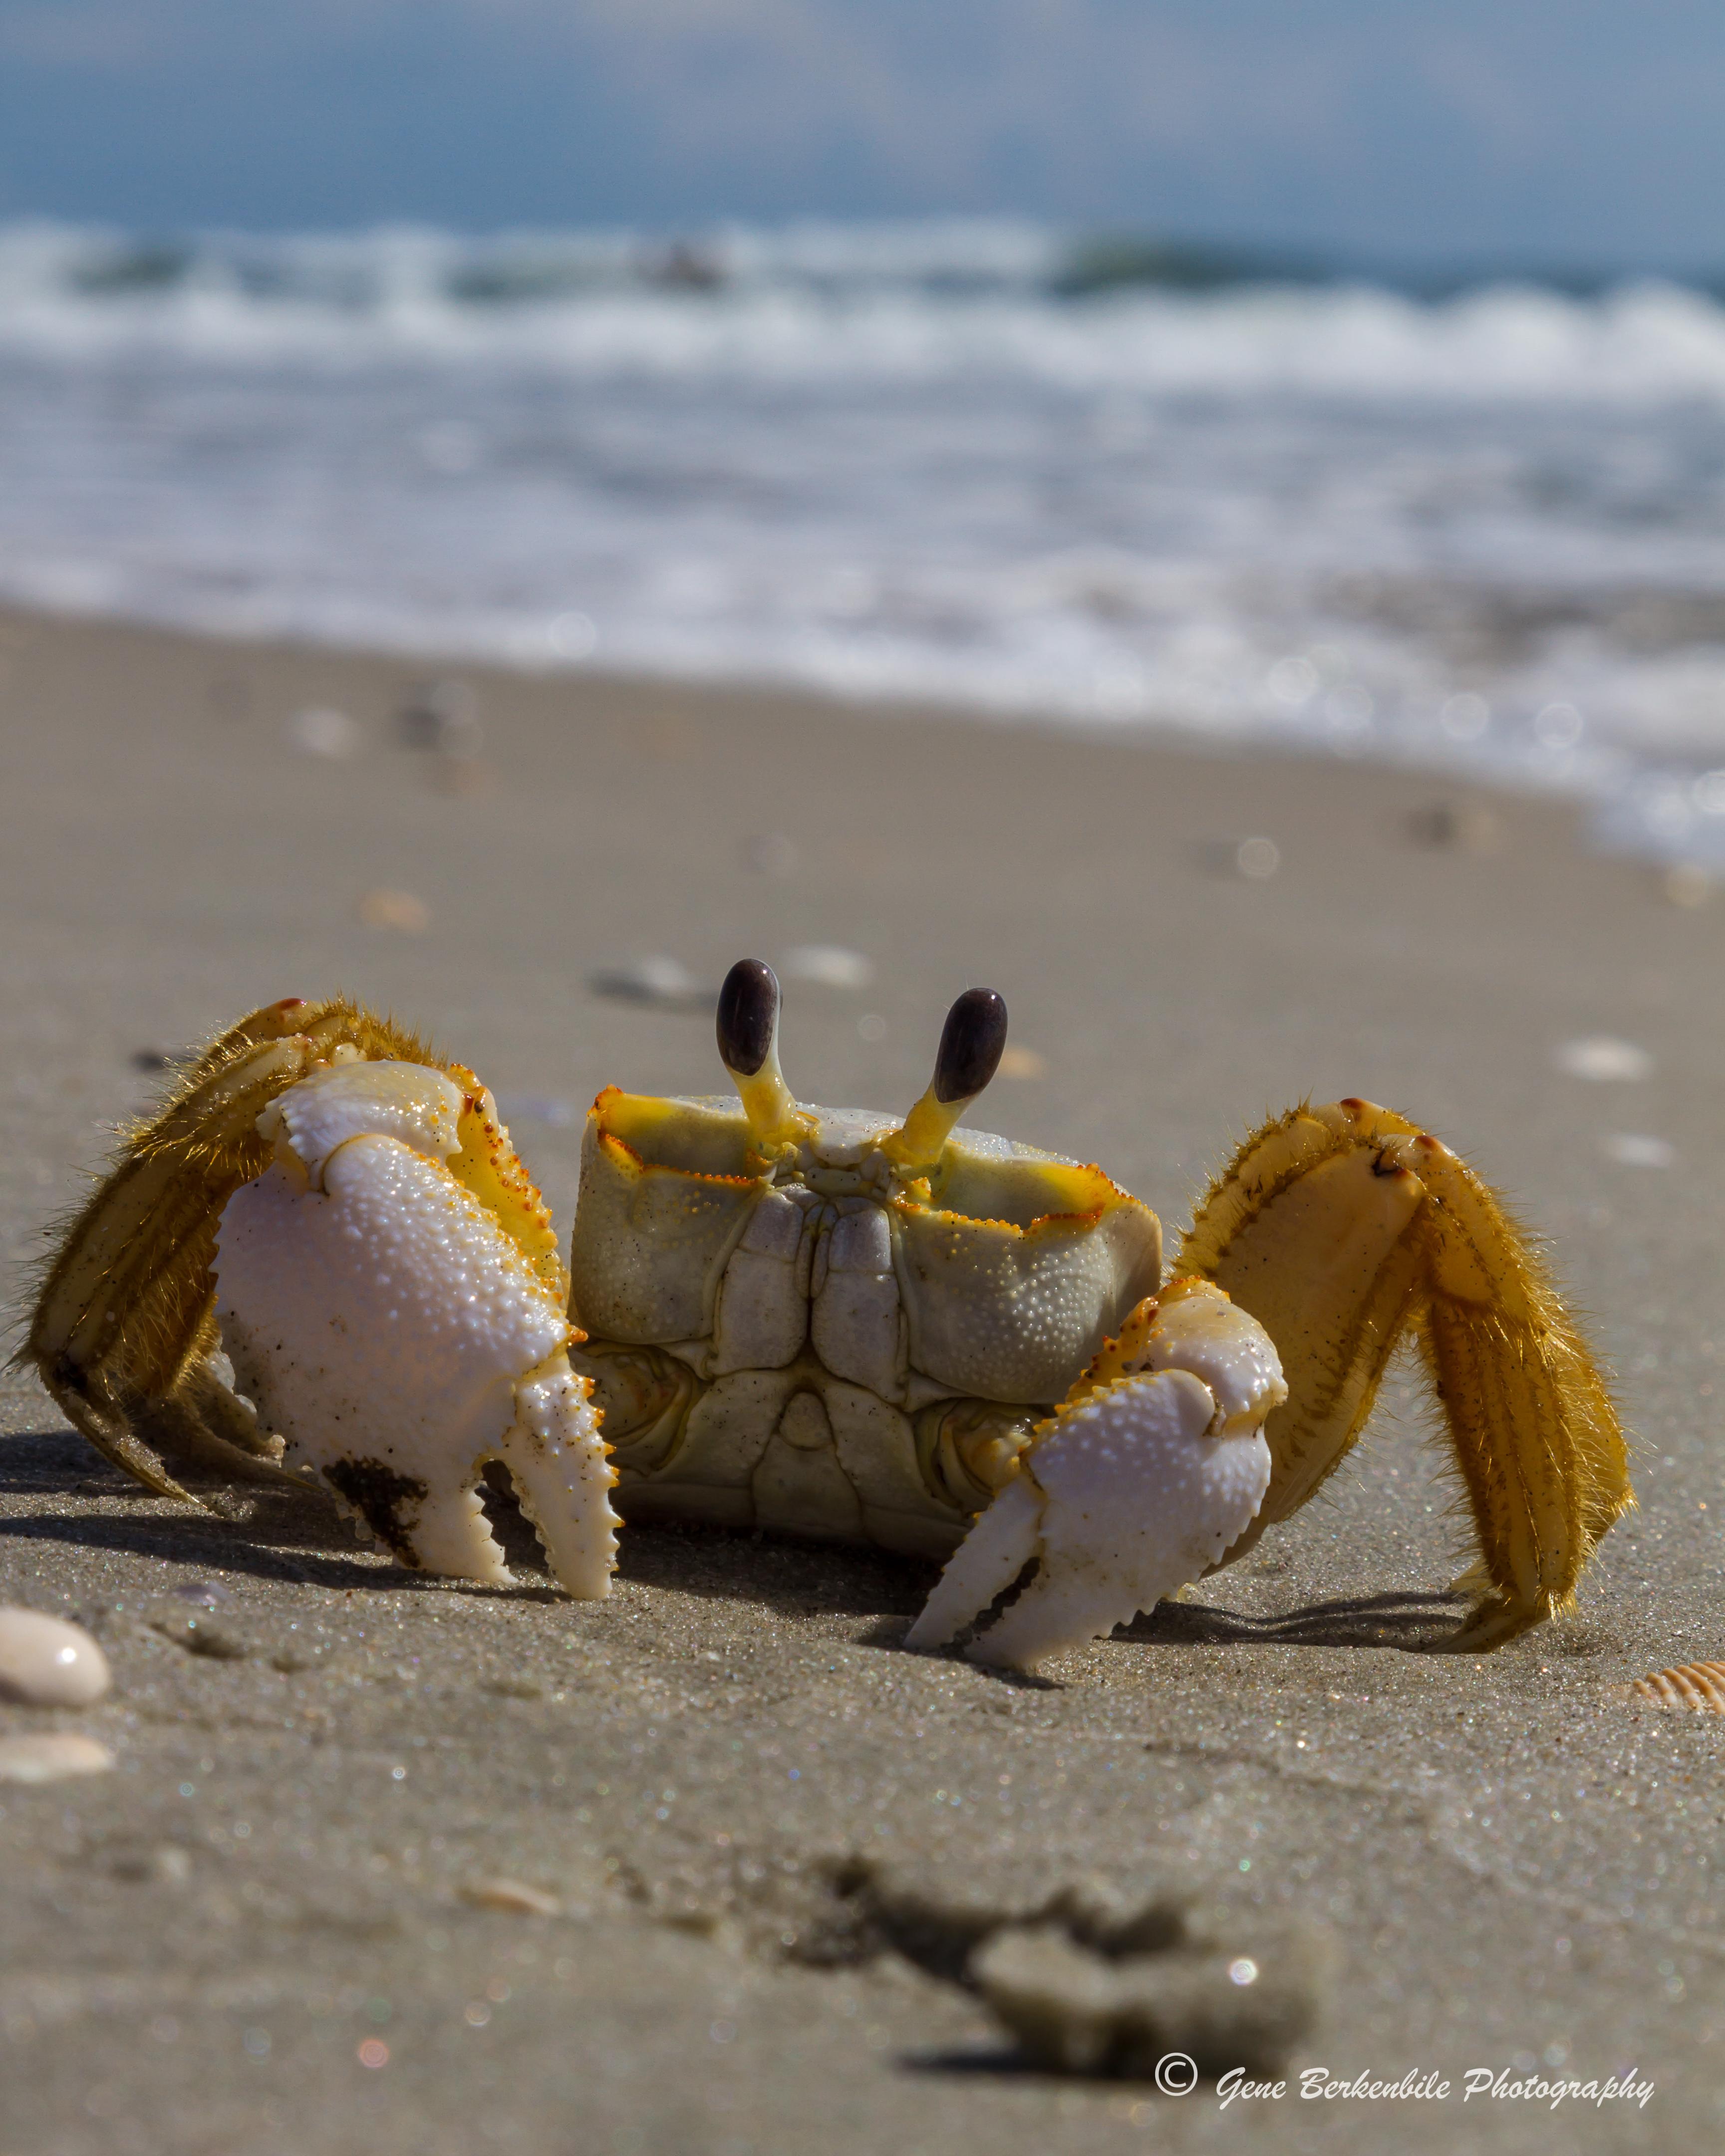 Injured Sand Crab